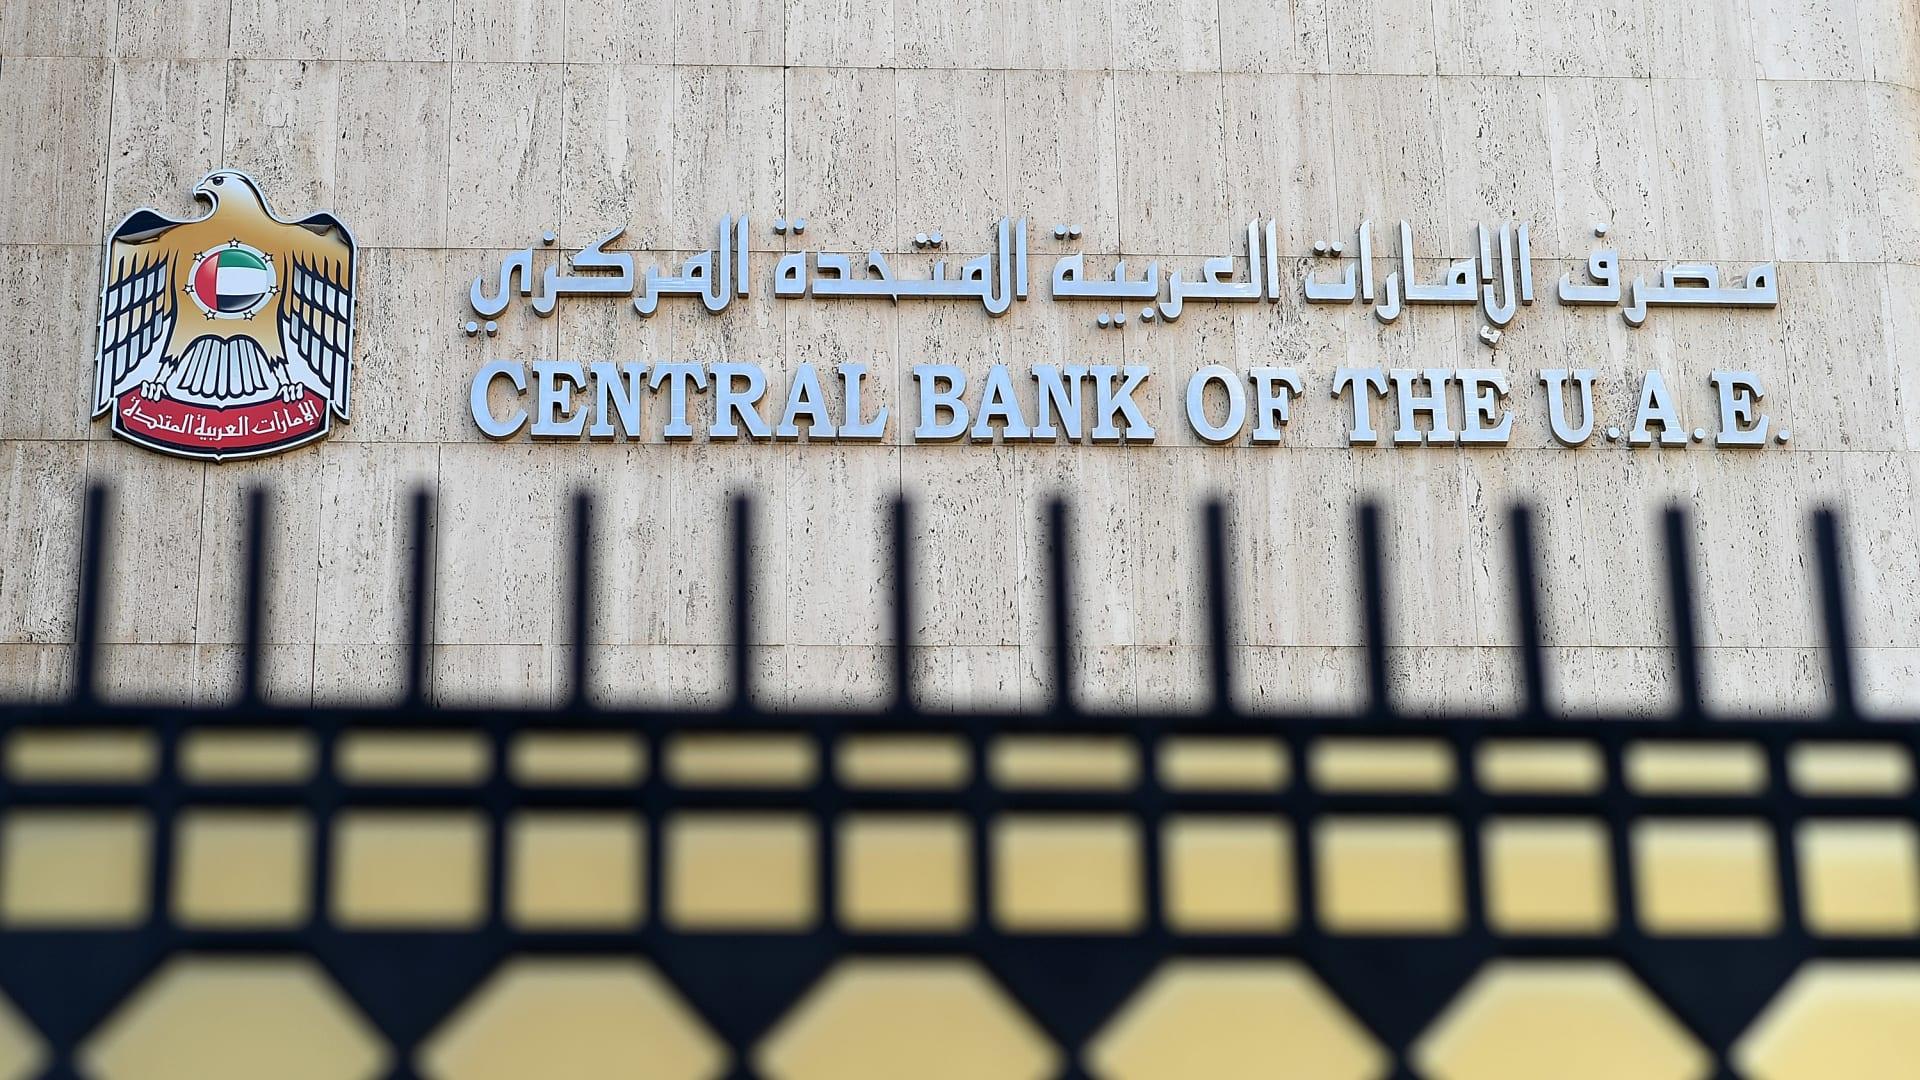 مصرف الإمارات المركزي يمدد أجزاء من خطة الدعم الاقتصادية حتى منتصف 2022